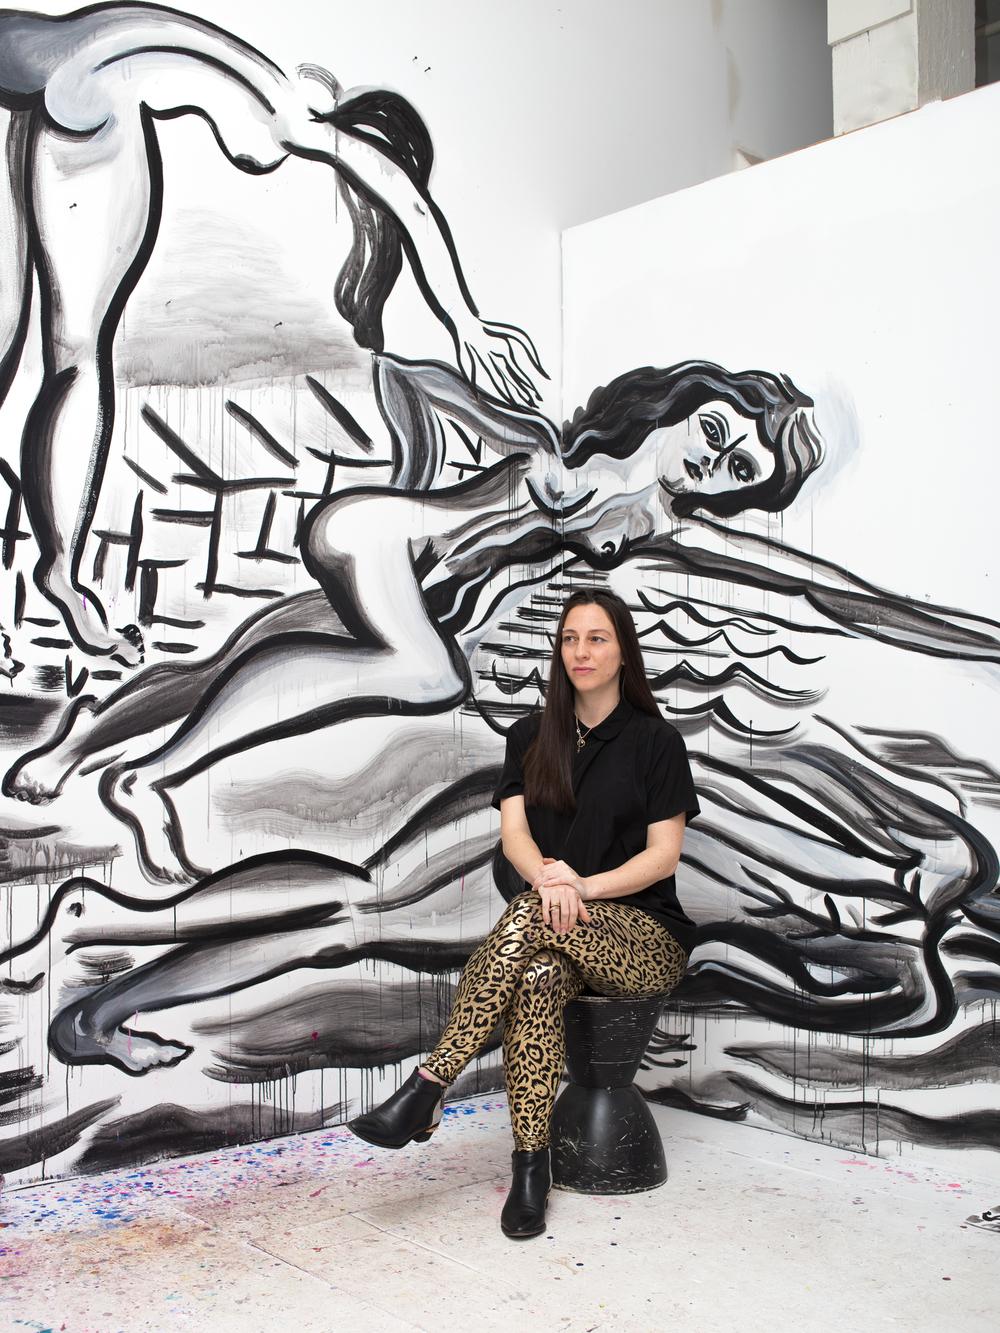 Artist-Mira Dancy